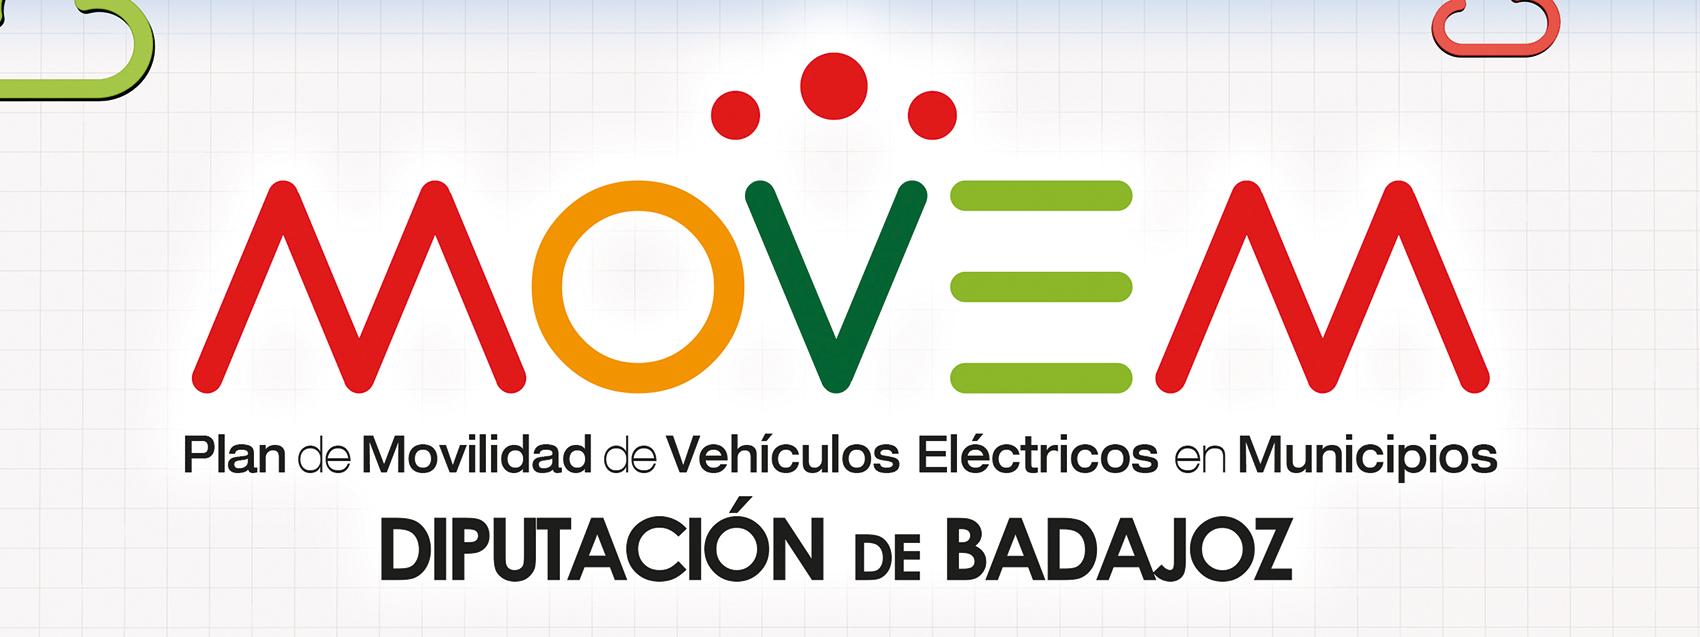 Plan de Movilidad de Vehículos Eléctricos en Municipios